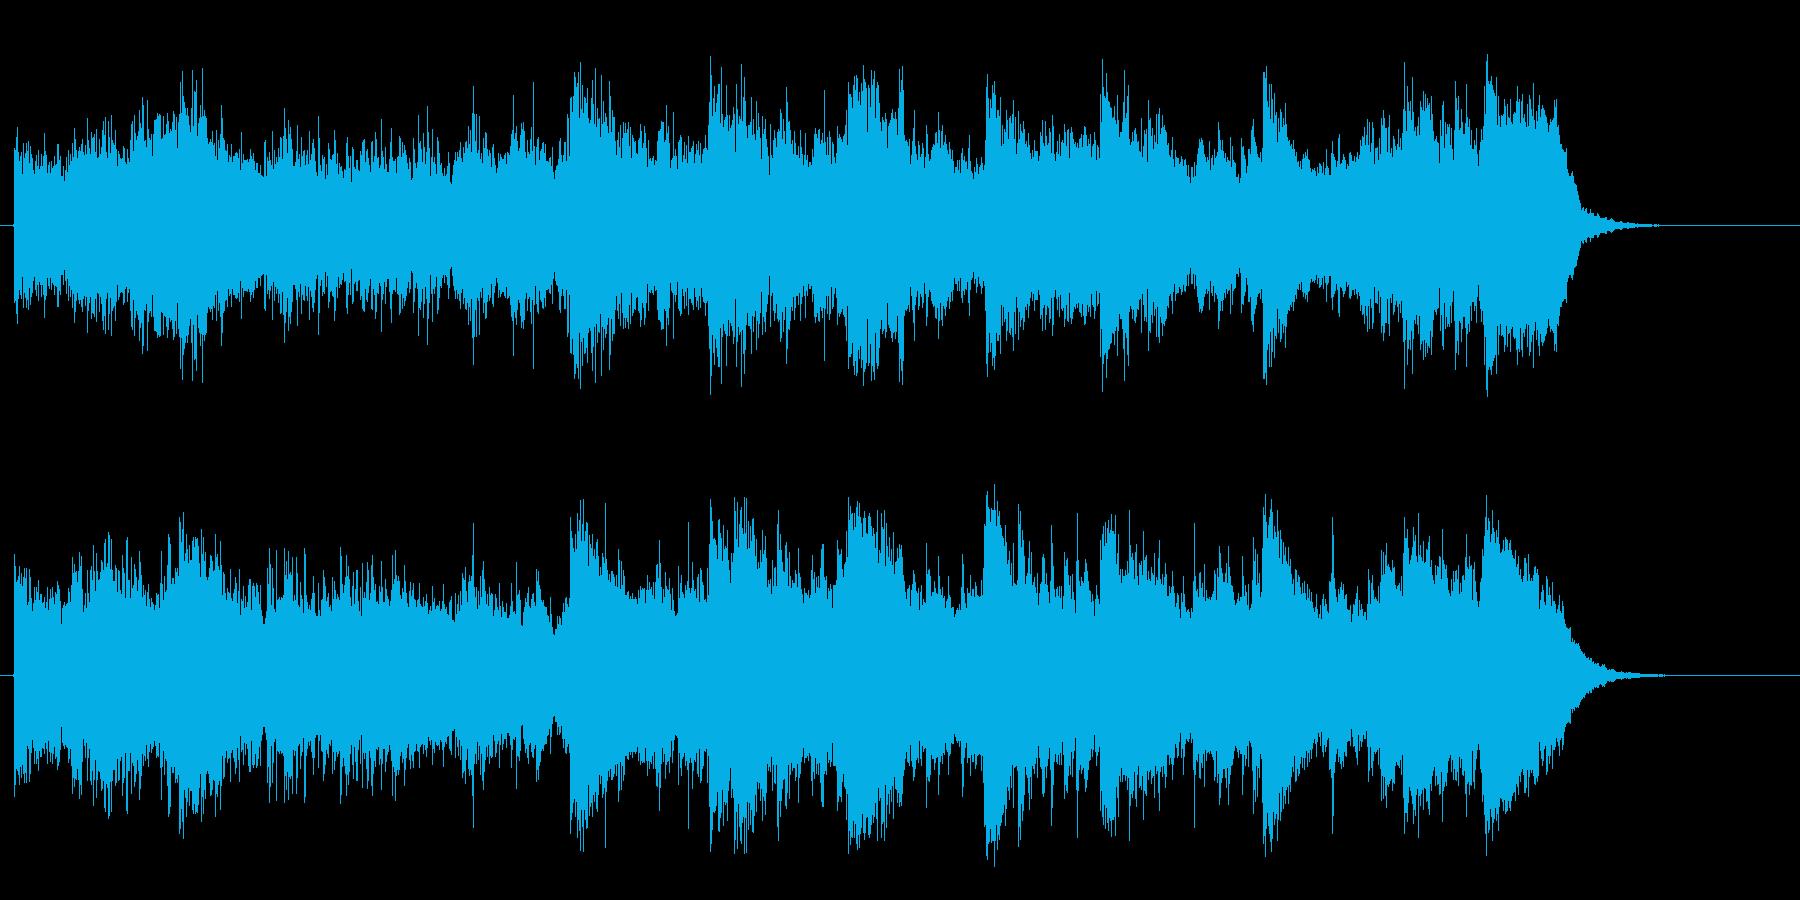 オリエンタルなシルクロード紀行風BGMの再生済みの波形